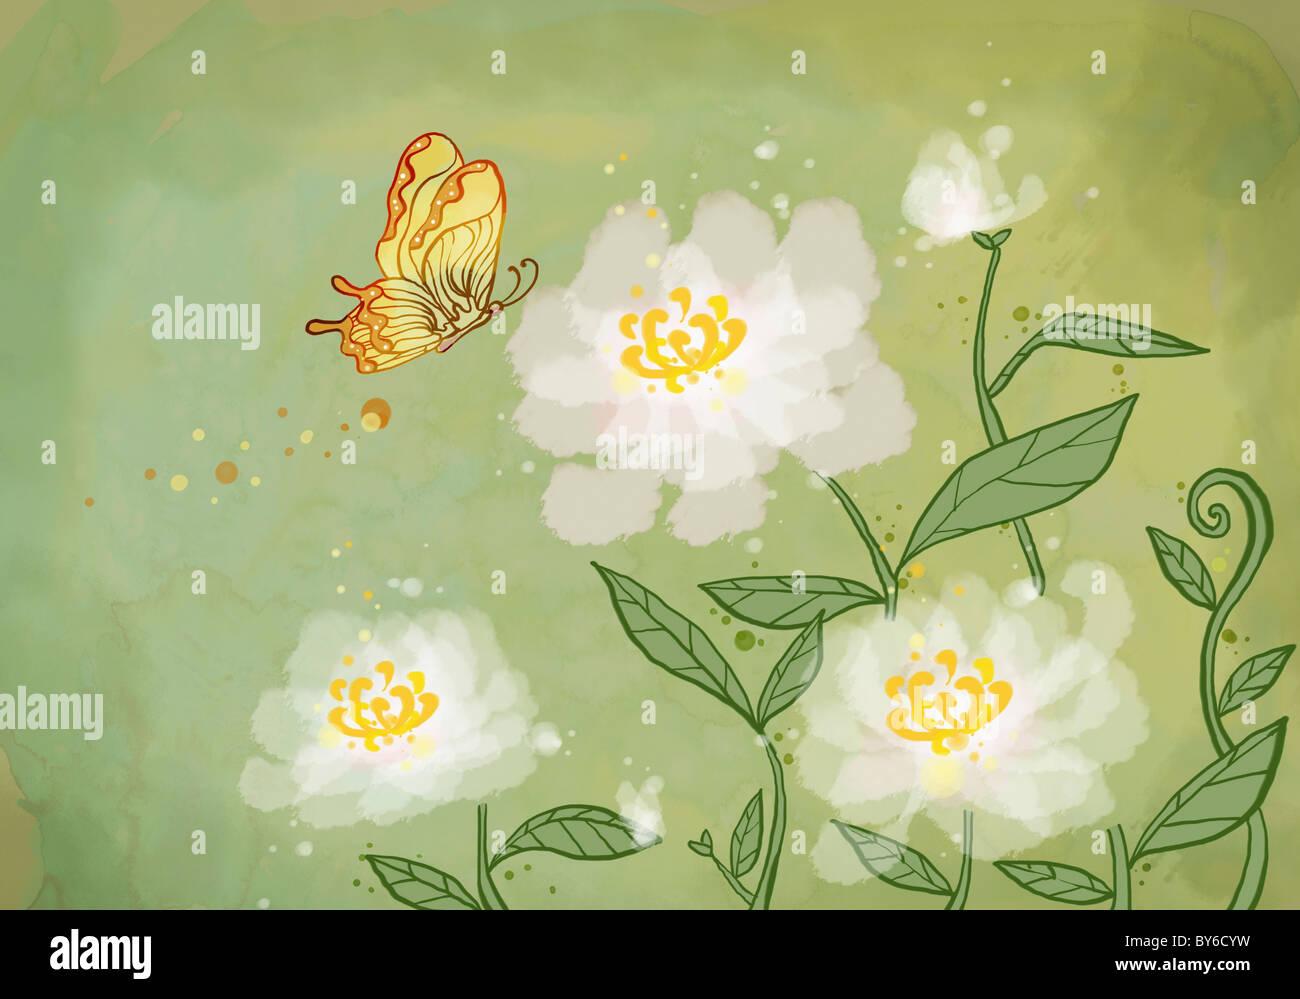 Capodanno Saluto illustrazione in atmosfera orientale Foto Stock